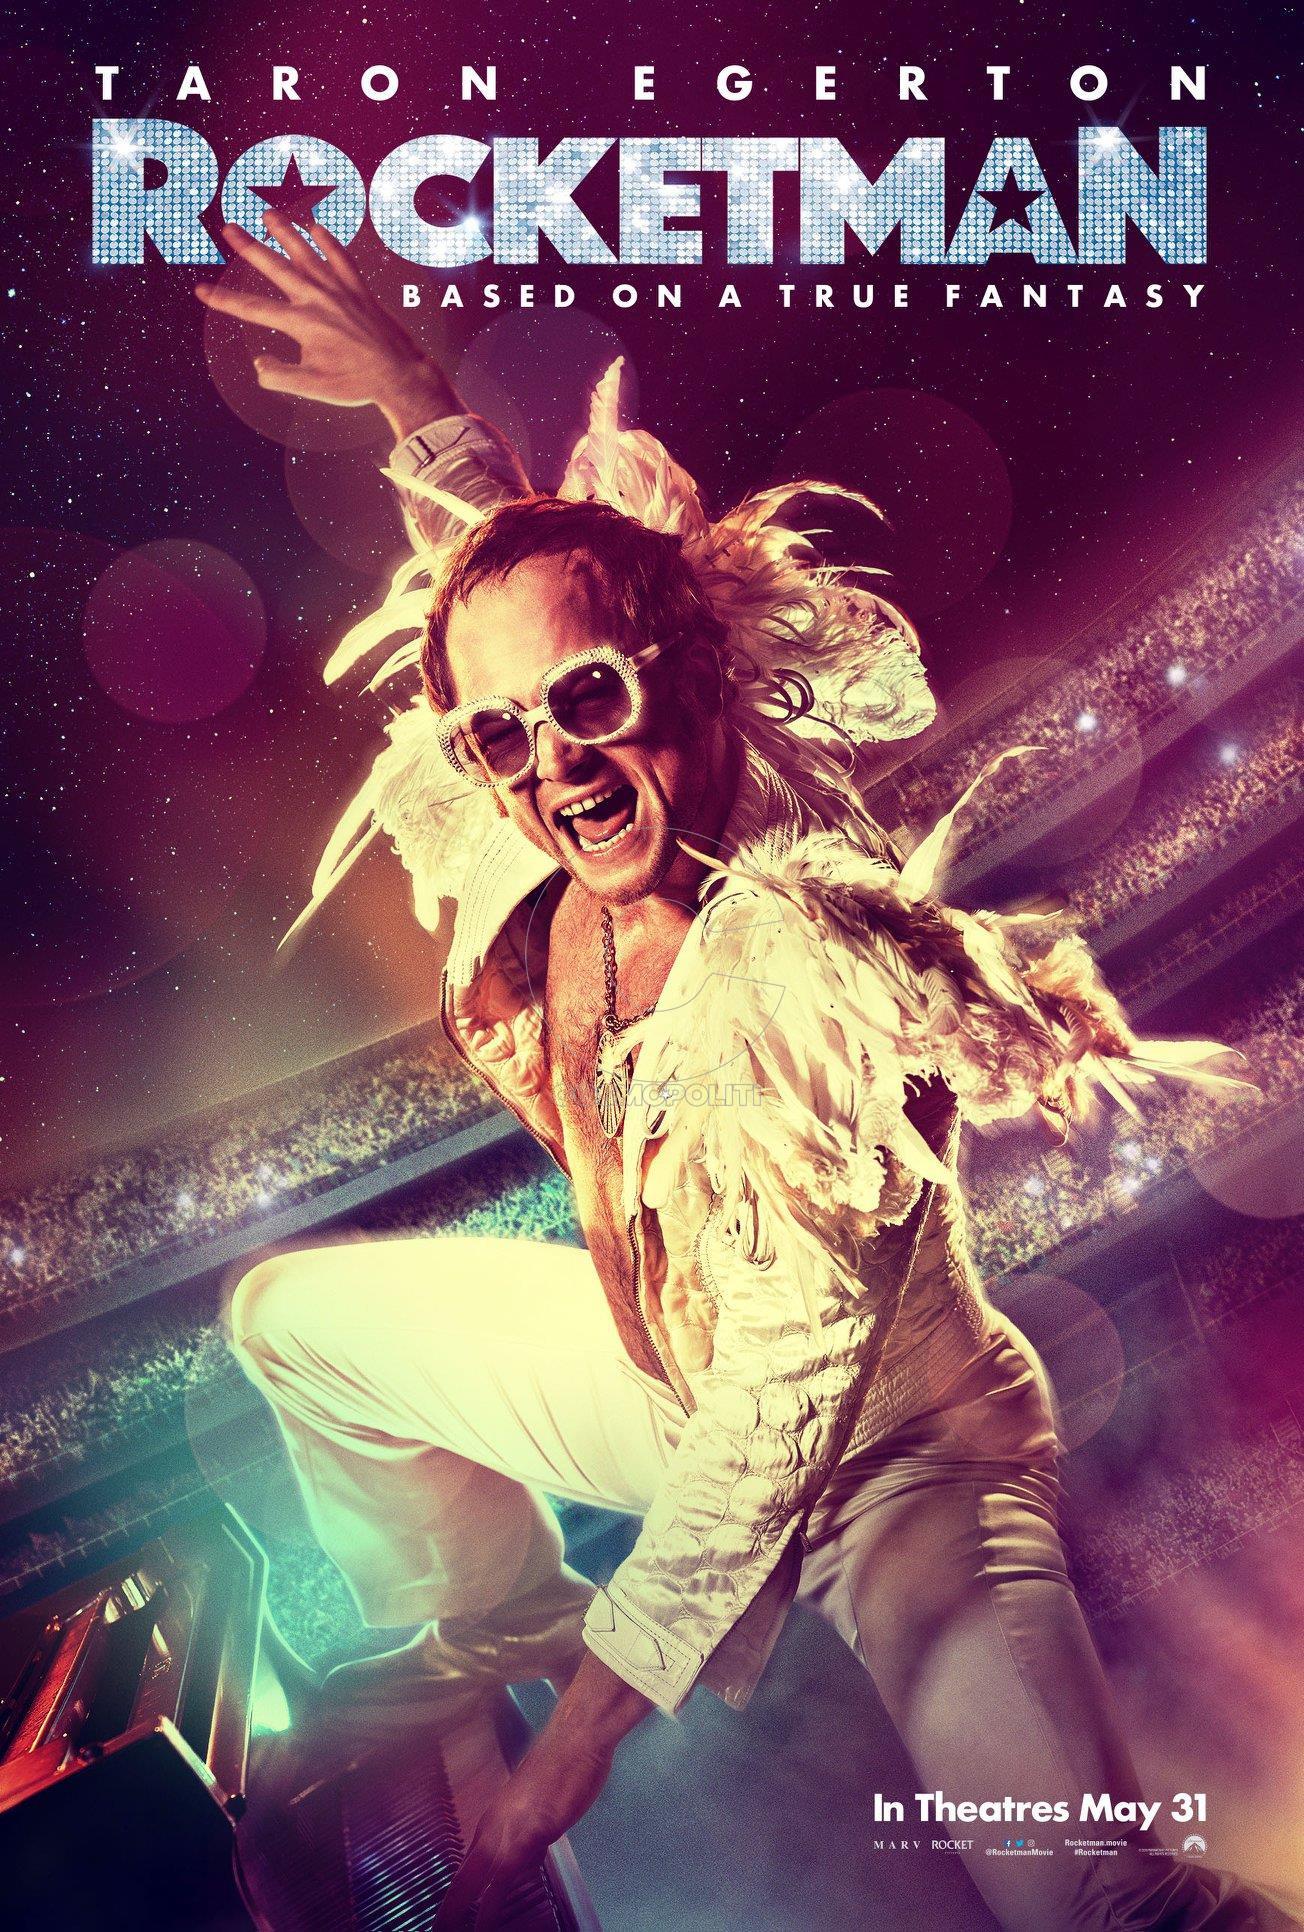 Elton-John-Rocketman